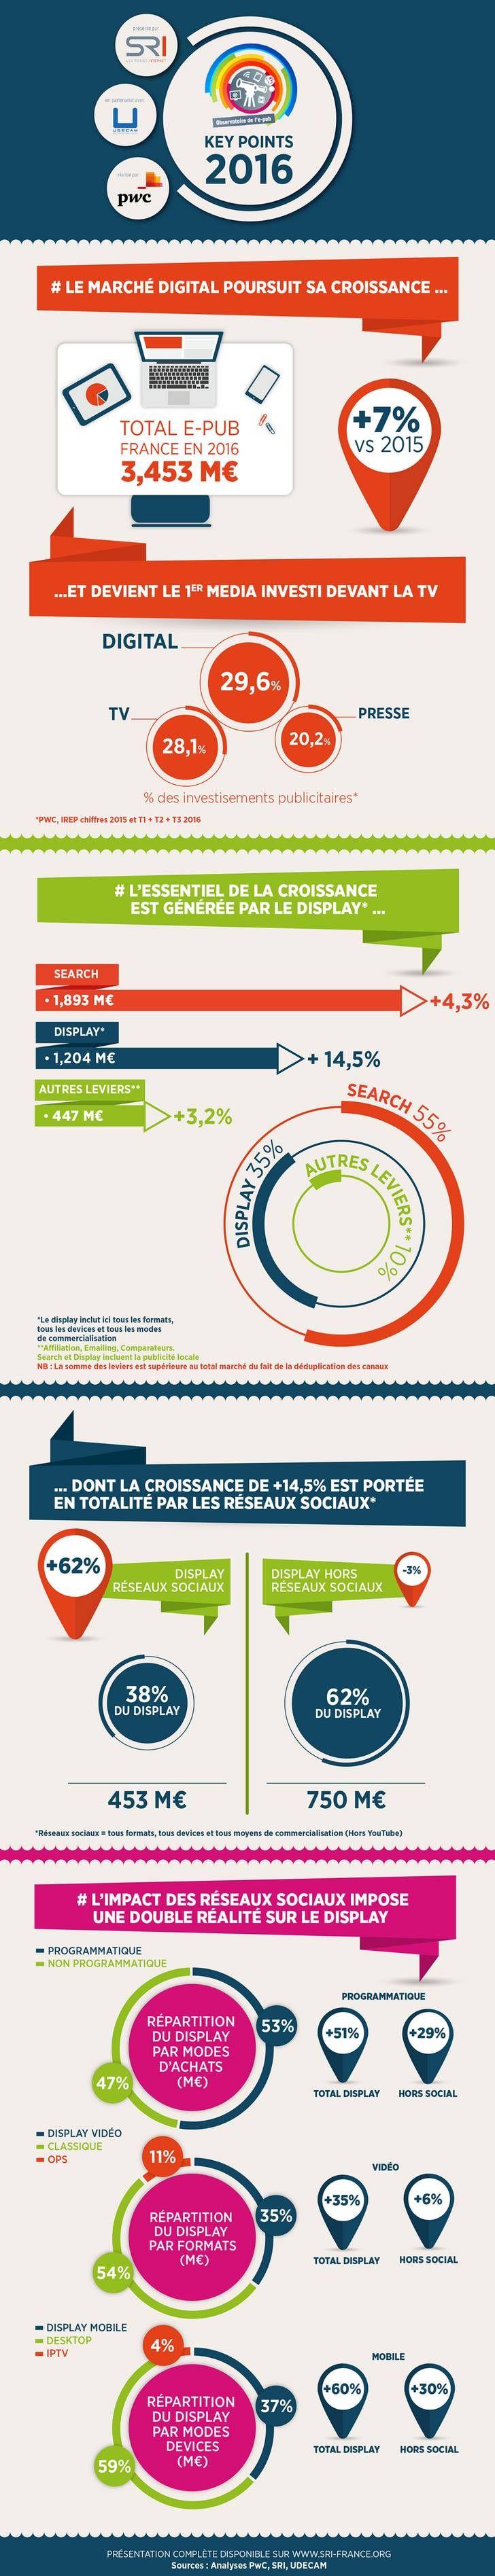 L'Observatoire de l'e-Pub 2016 en infographie